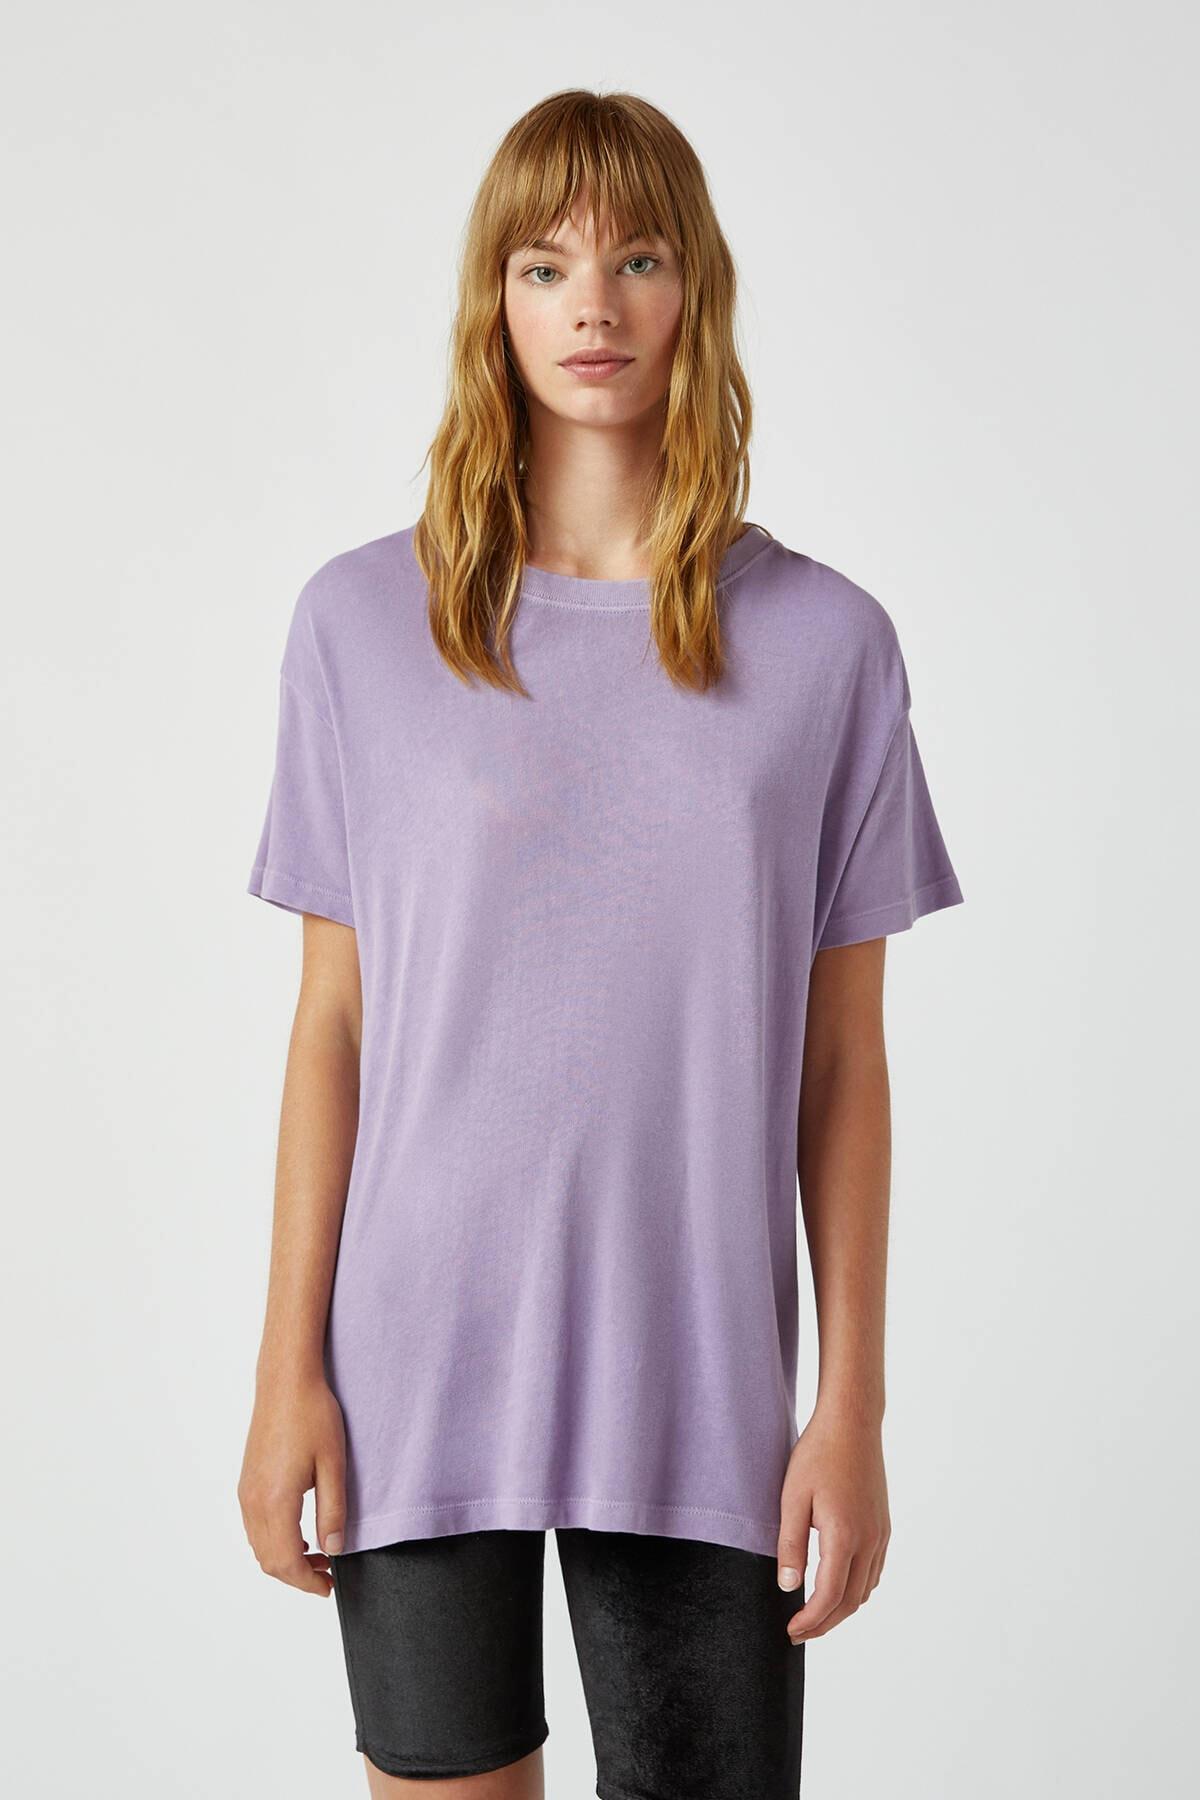 Pull & Bear Kadın Koyu Mor Soluk Efektli Basic Oversize T-Shirt 05236365 1